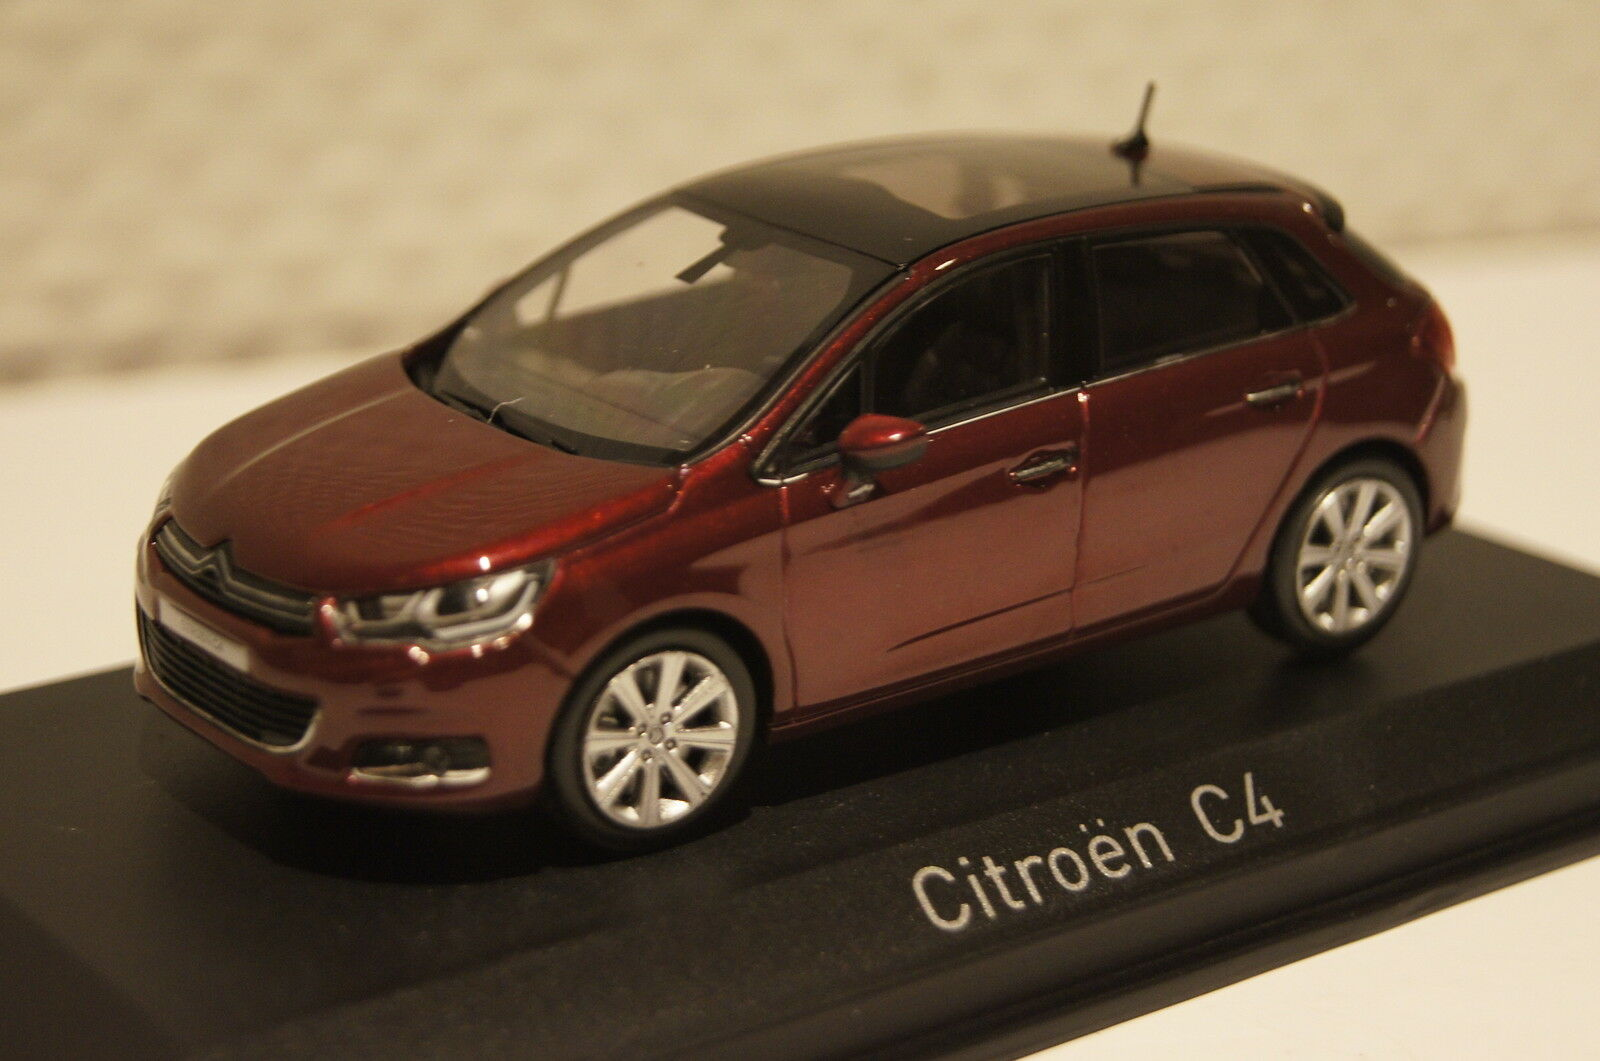 Citroen C4 2015 red metallic 1 43 Norev neu neu neu & OVP 155444 557714